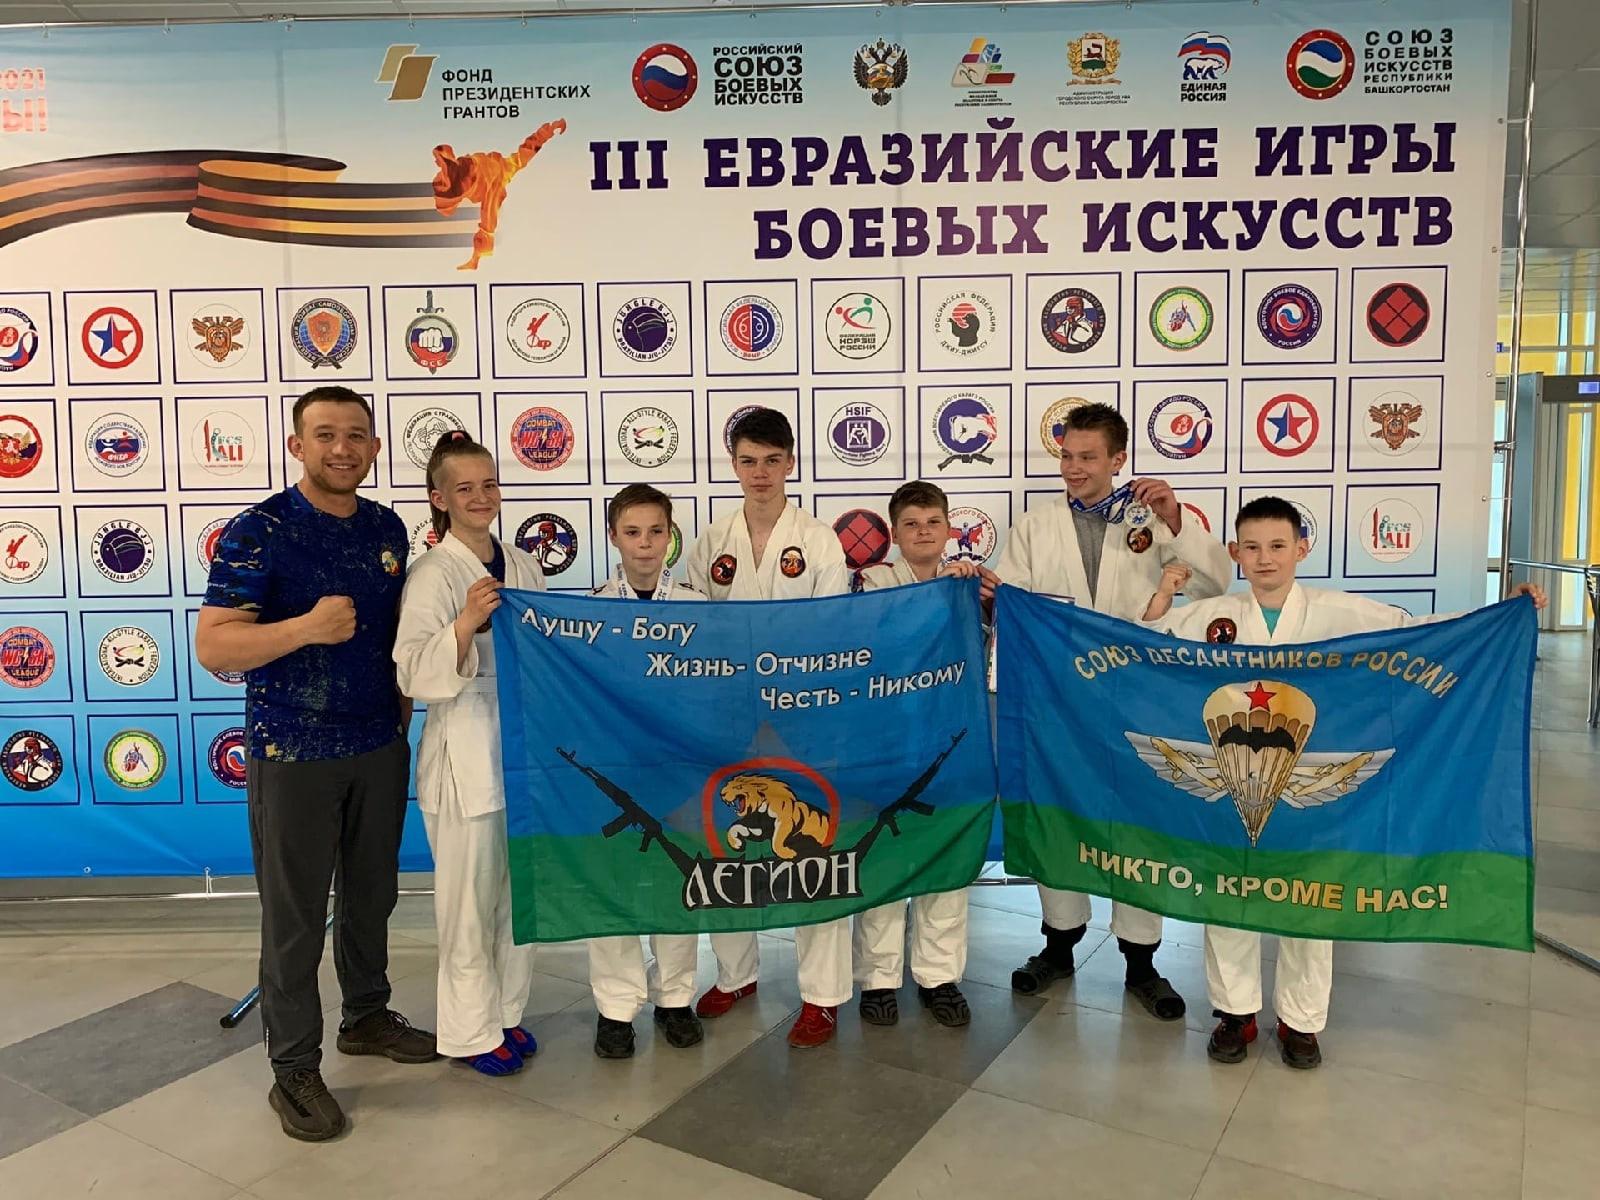 5 медалей завоевали можгинцы на Евразийских играх боевых искусств